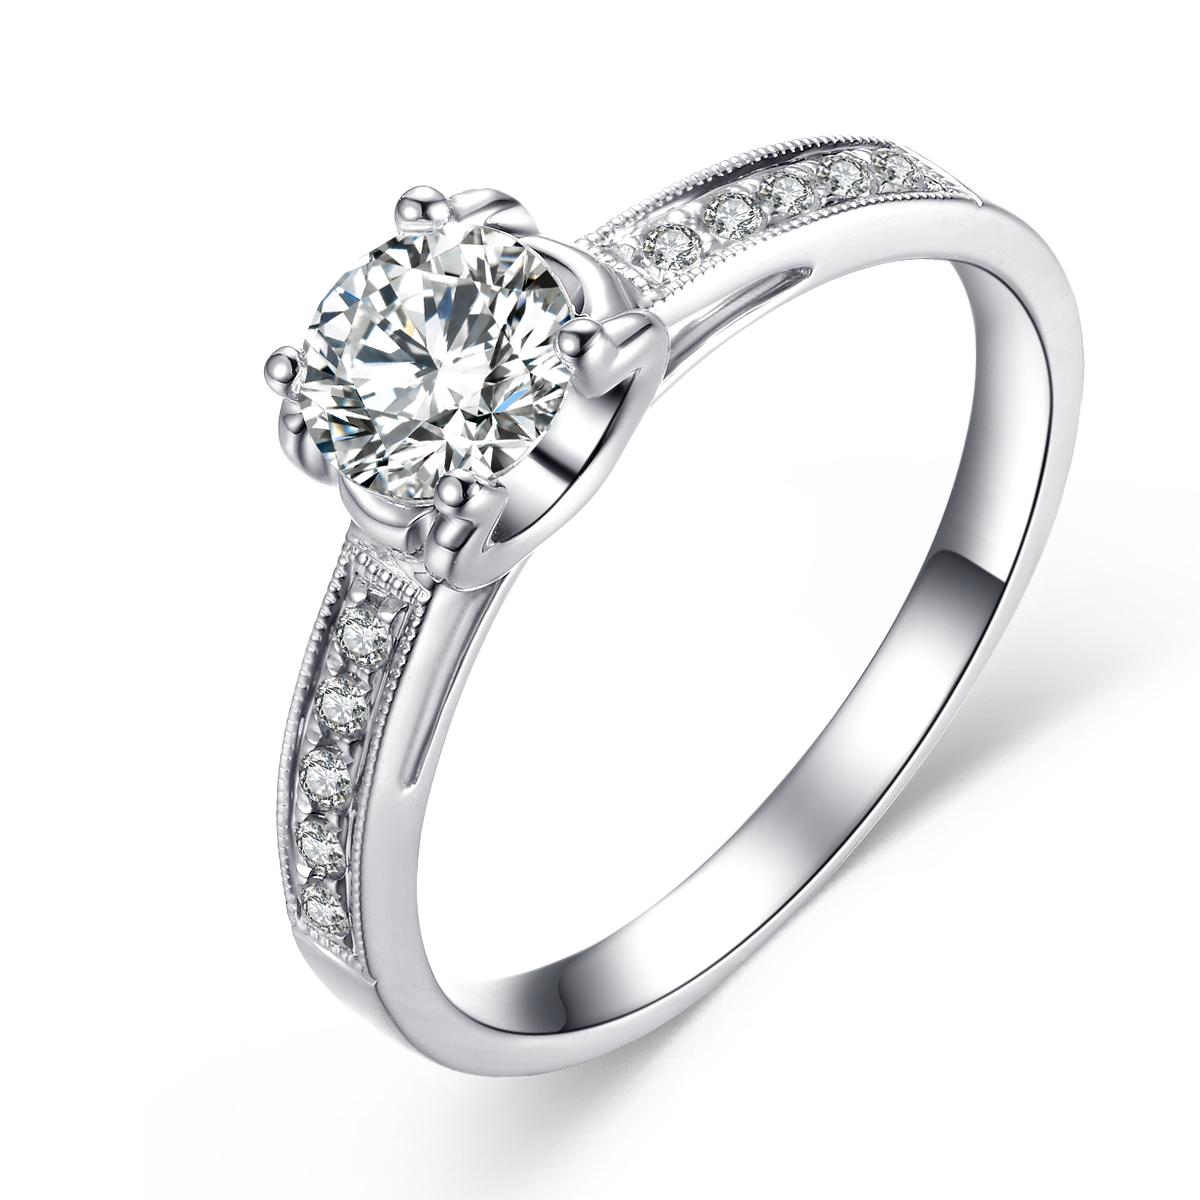 钻戒,婚戒,钻石戒指